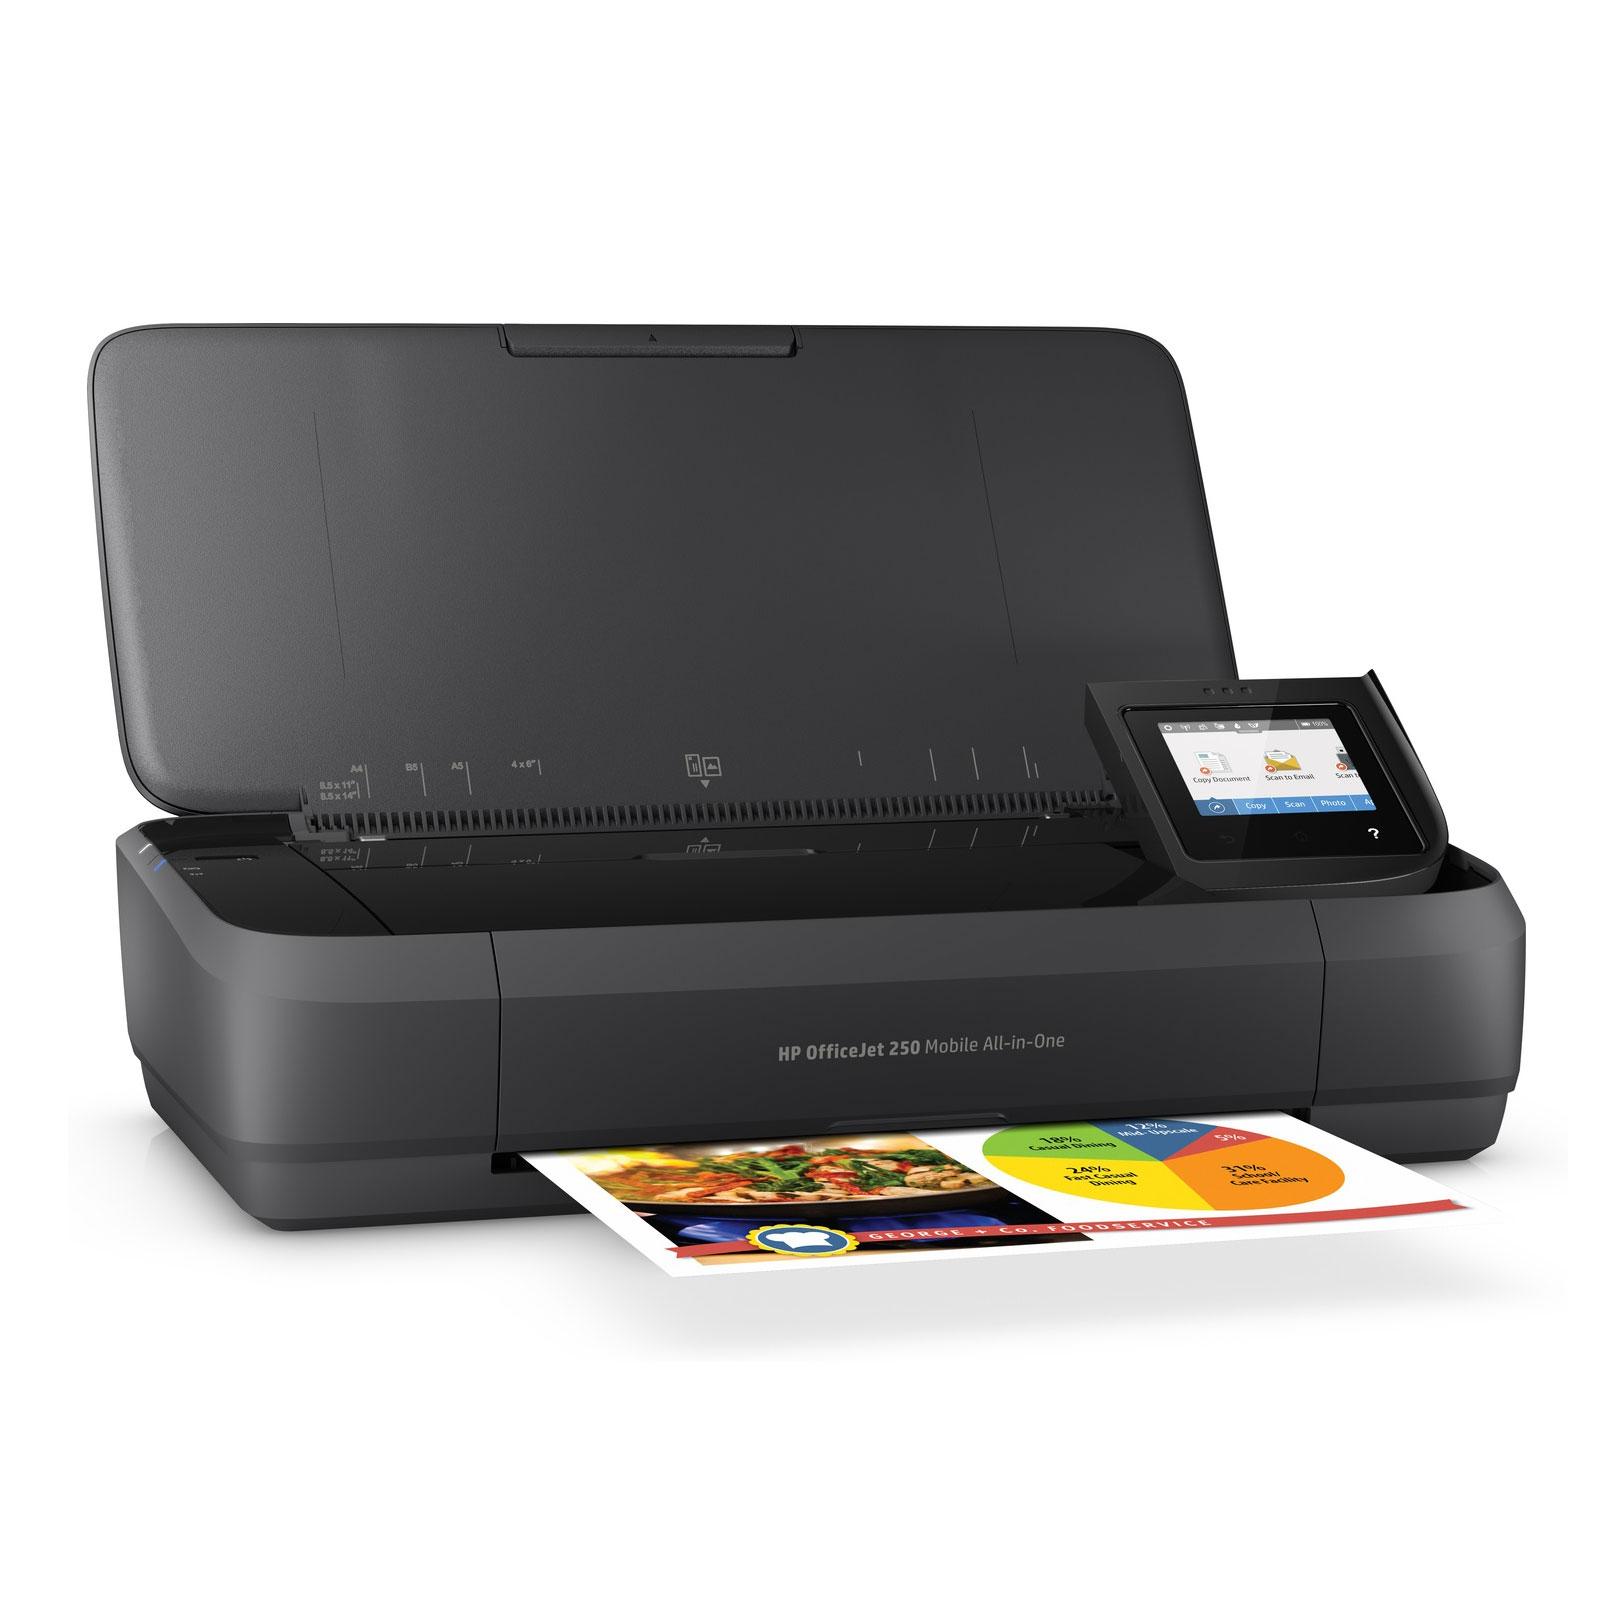 hp officejet 250 mobile imprimante multifonction hp sur ldlc. Black Bedroom Furniture Sets. Home Design Ideas